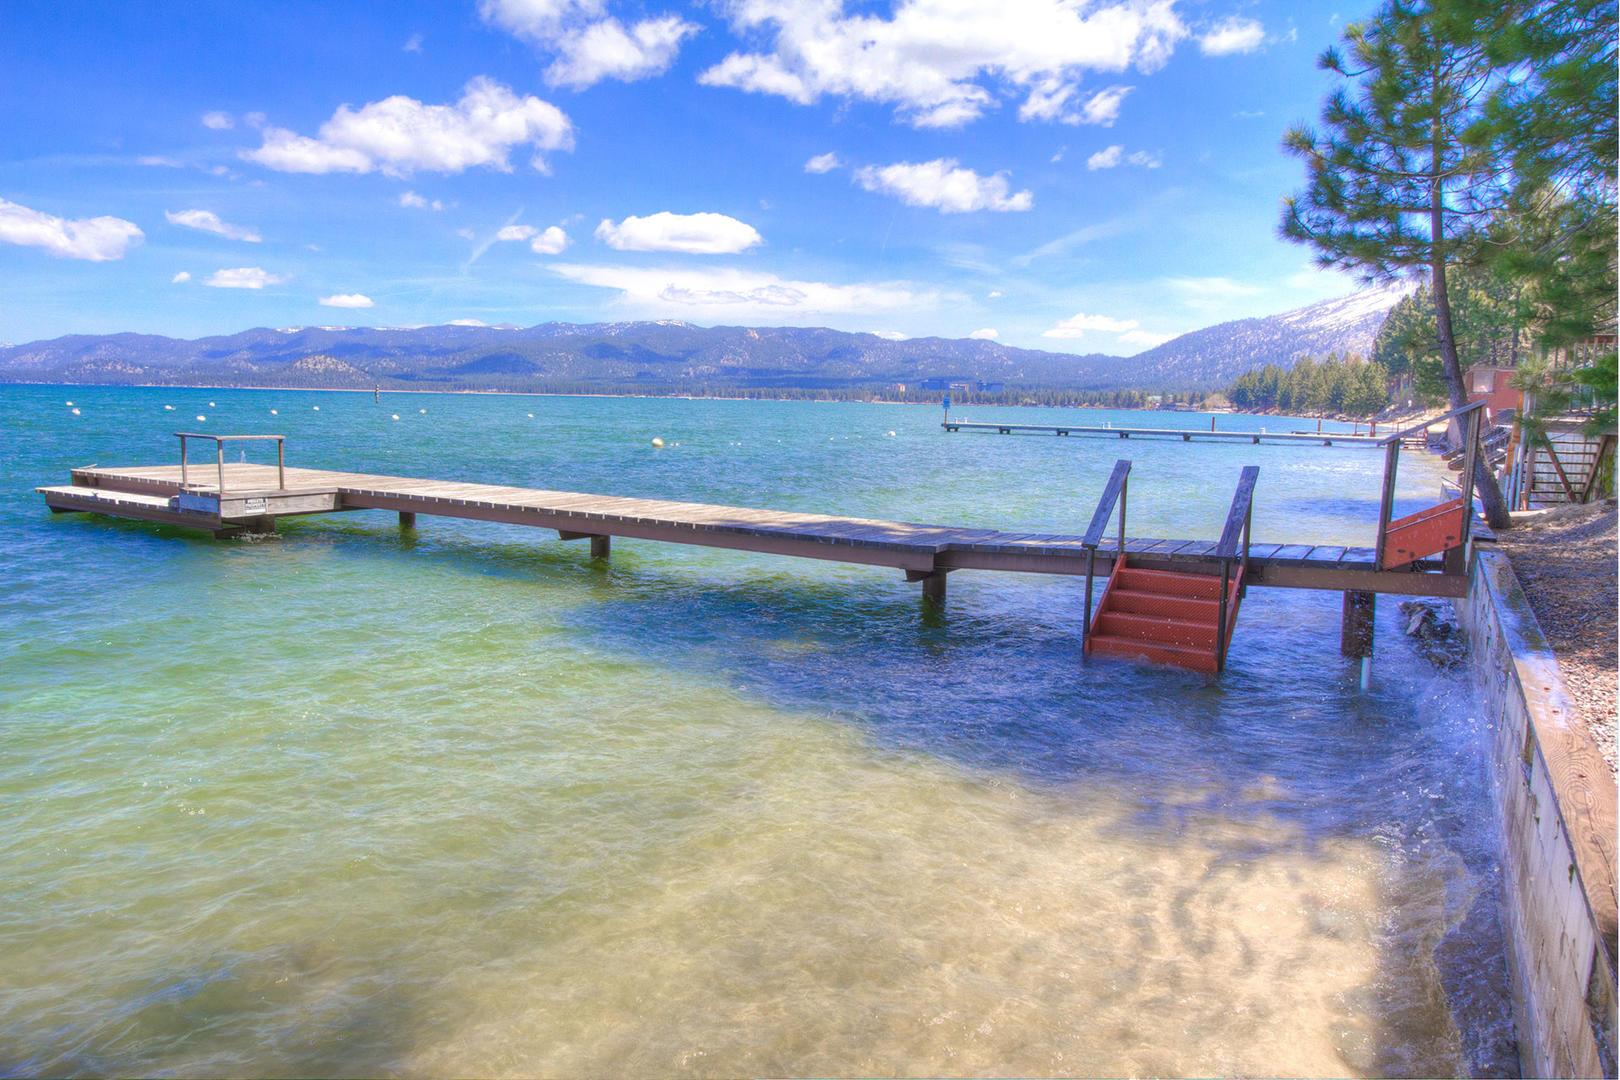 cyh1281 shared dock